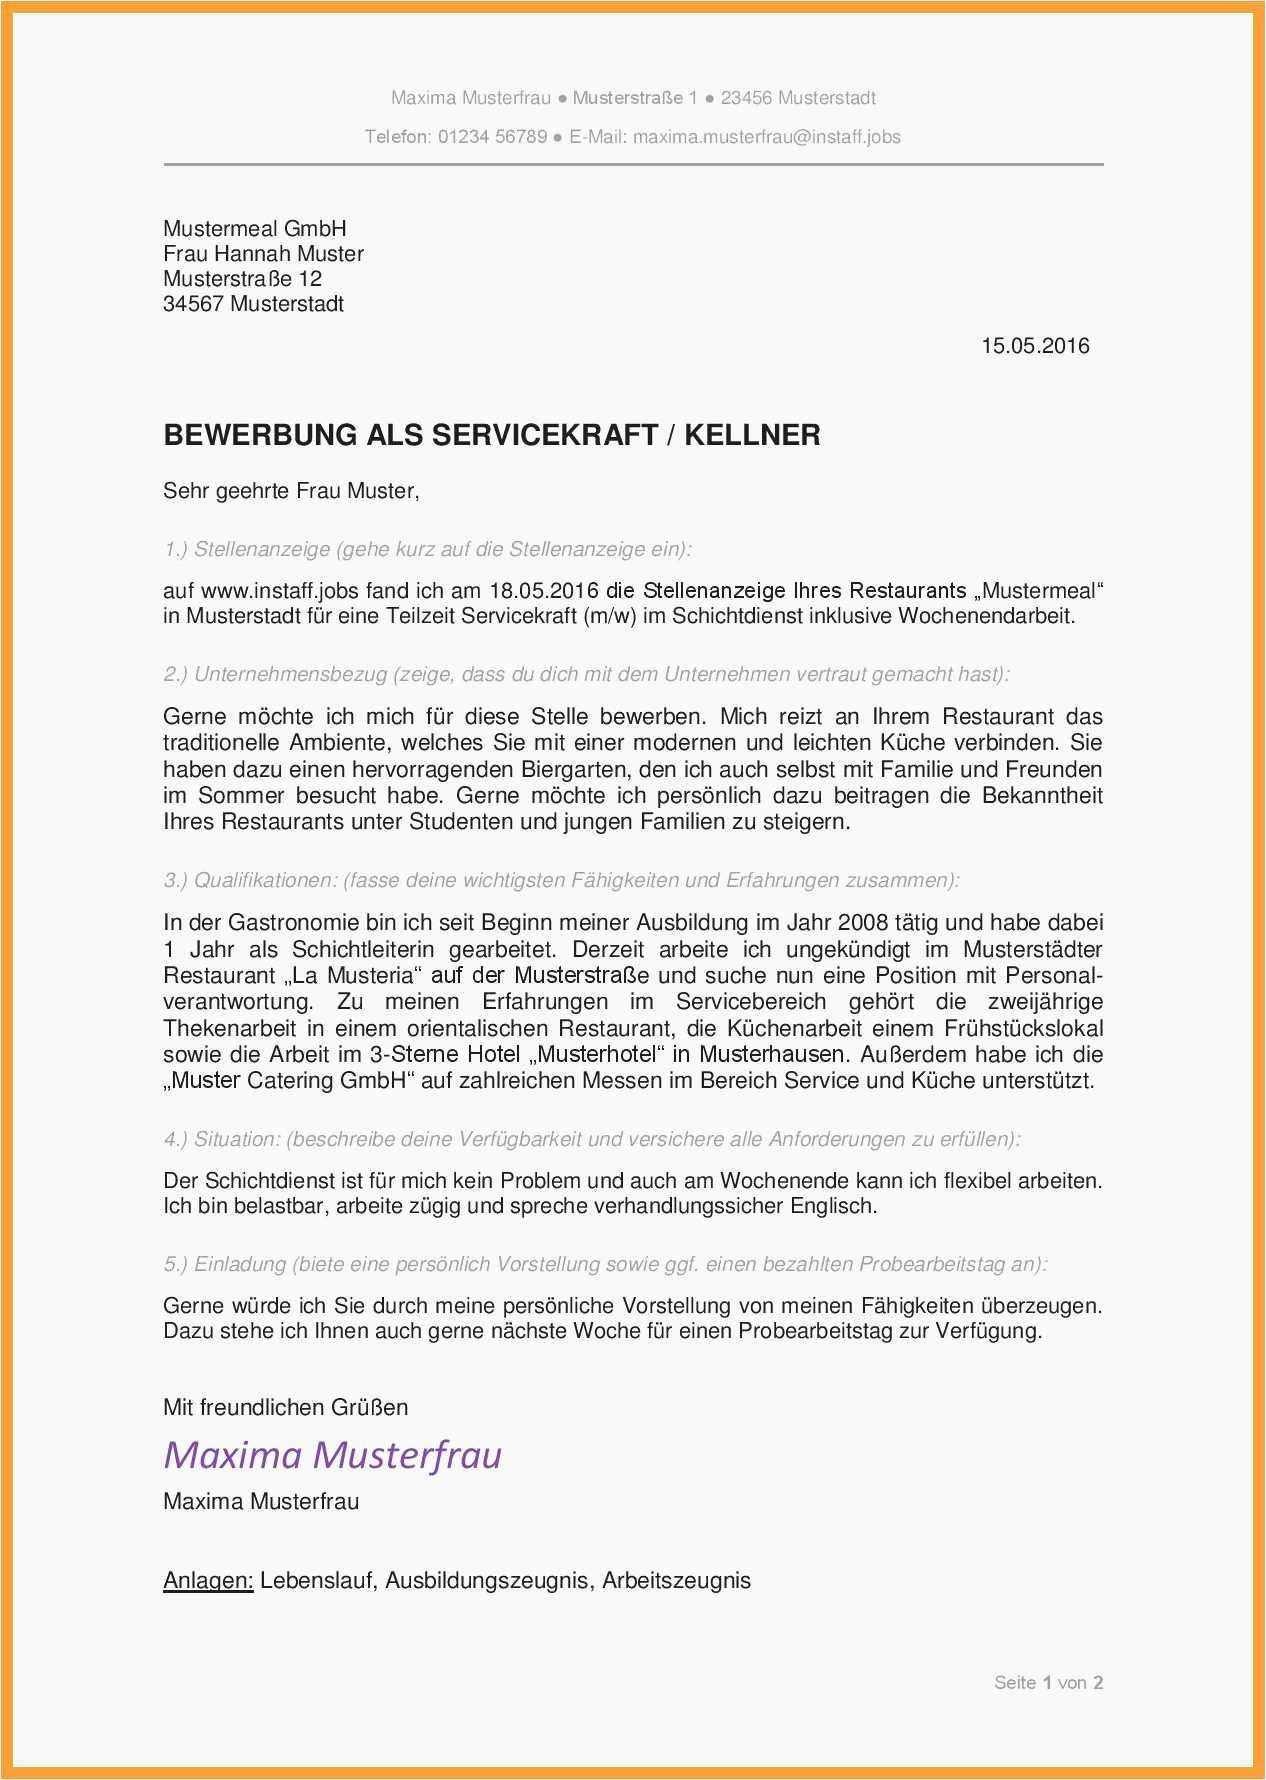 Konventionel Kundigung Mainova Strom Vorlage Lebenslauf Vorlage Schuler Lebenslauf Bewerbungsschreiben